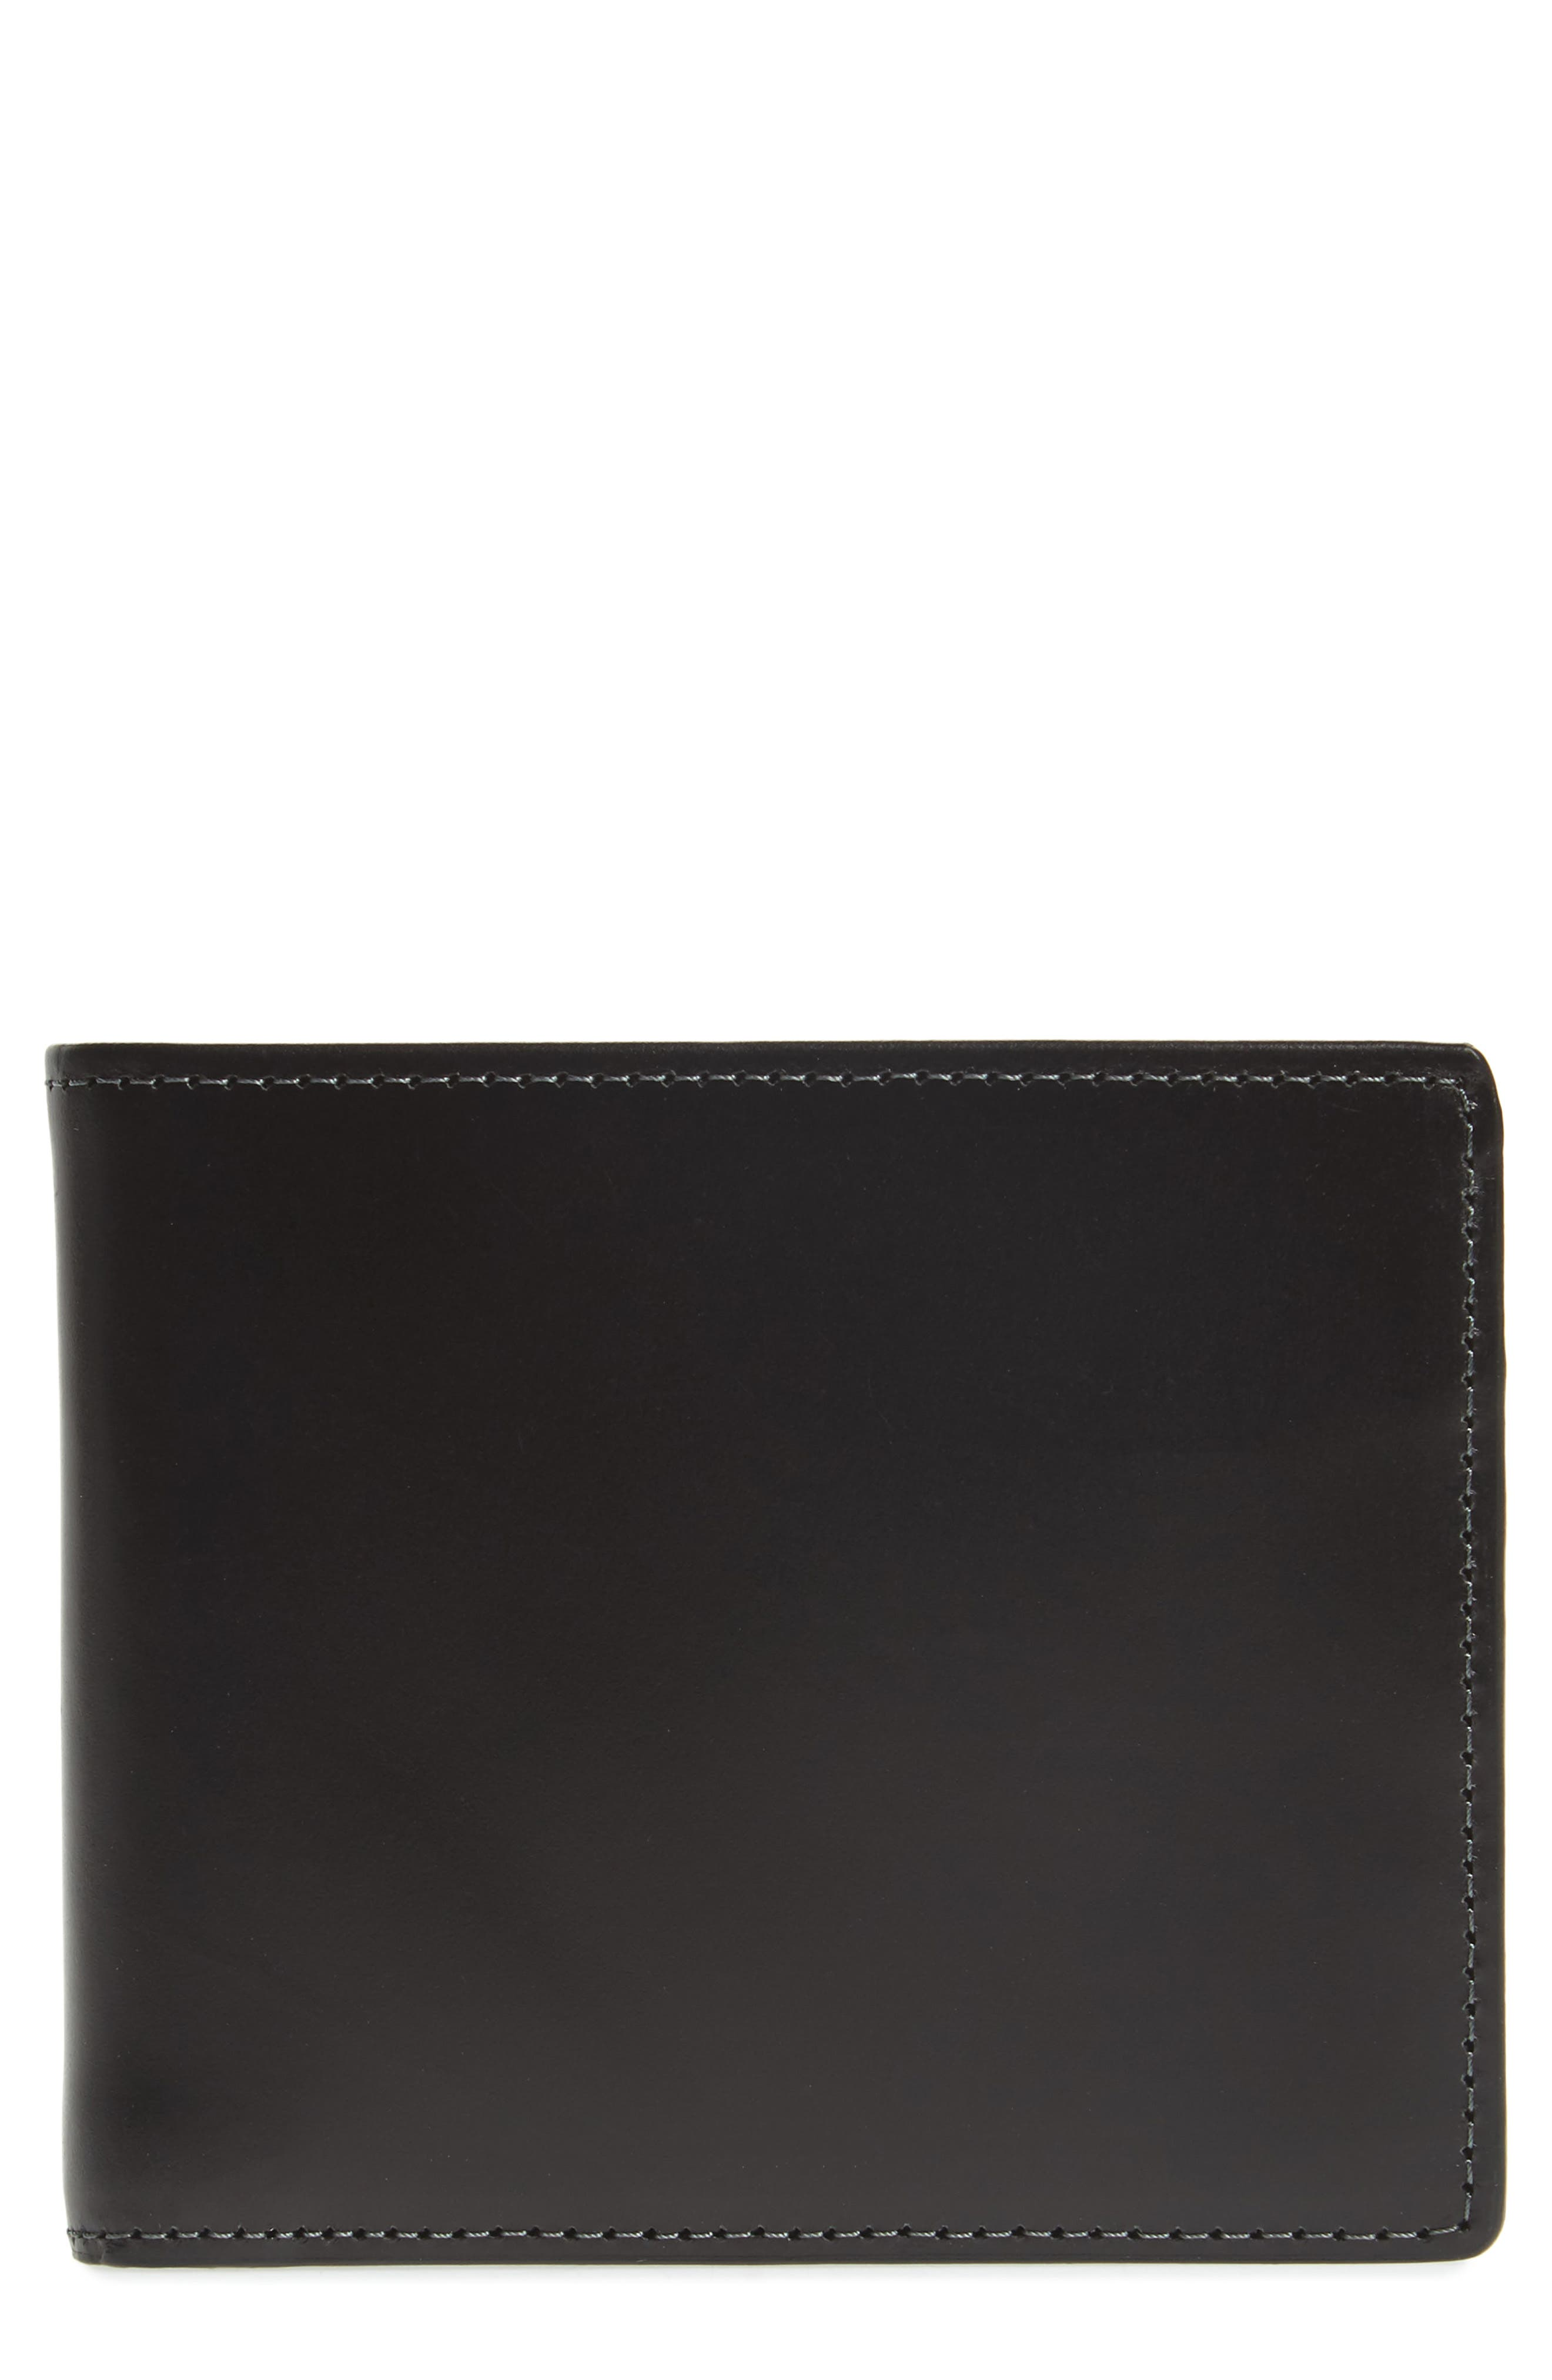 NORDSTROM MEN'S SHOP Wyatt RFID Leather Wallet, Main, color, BLACK